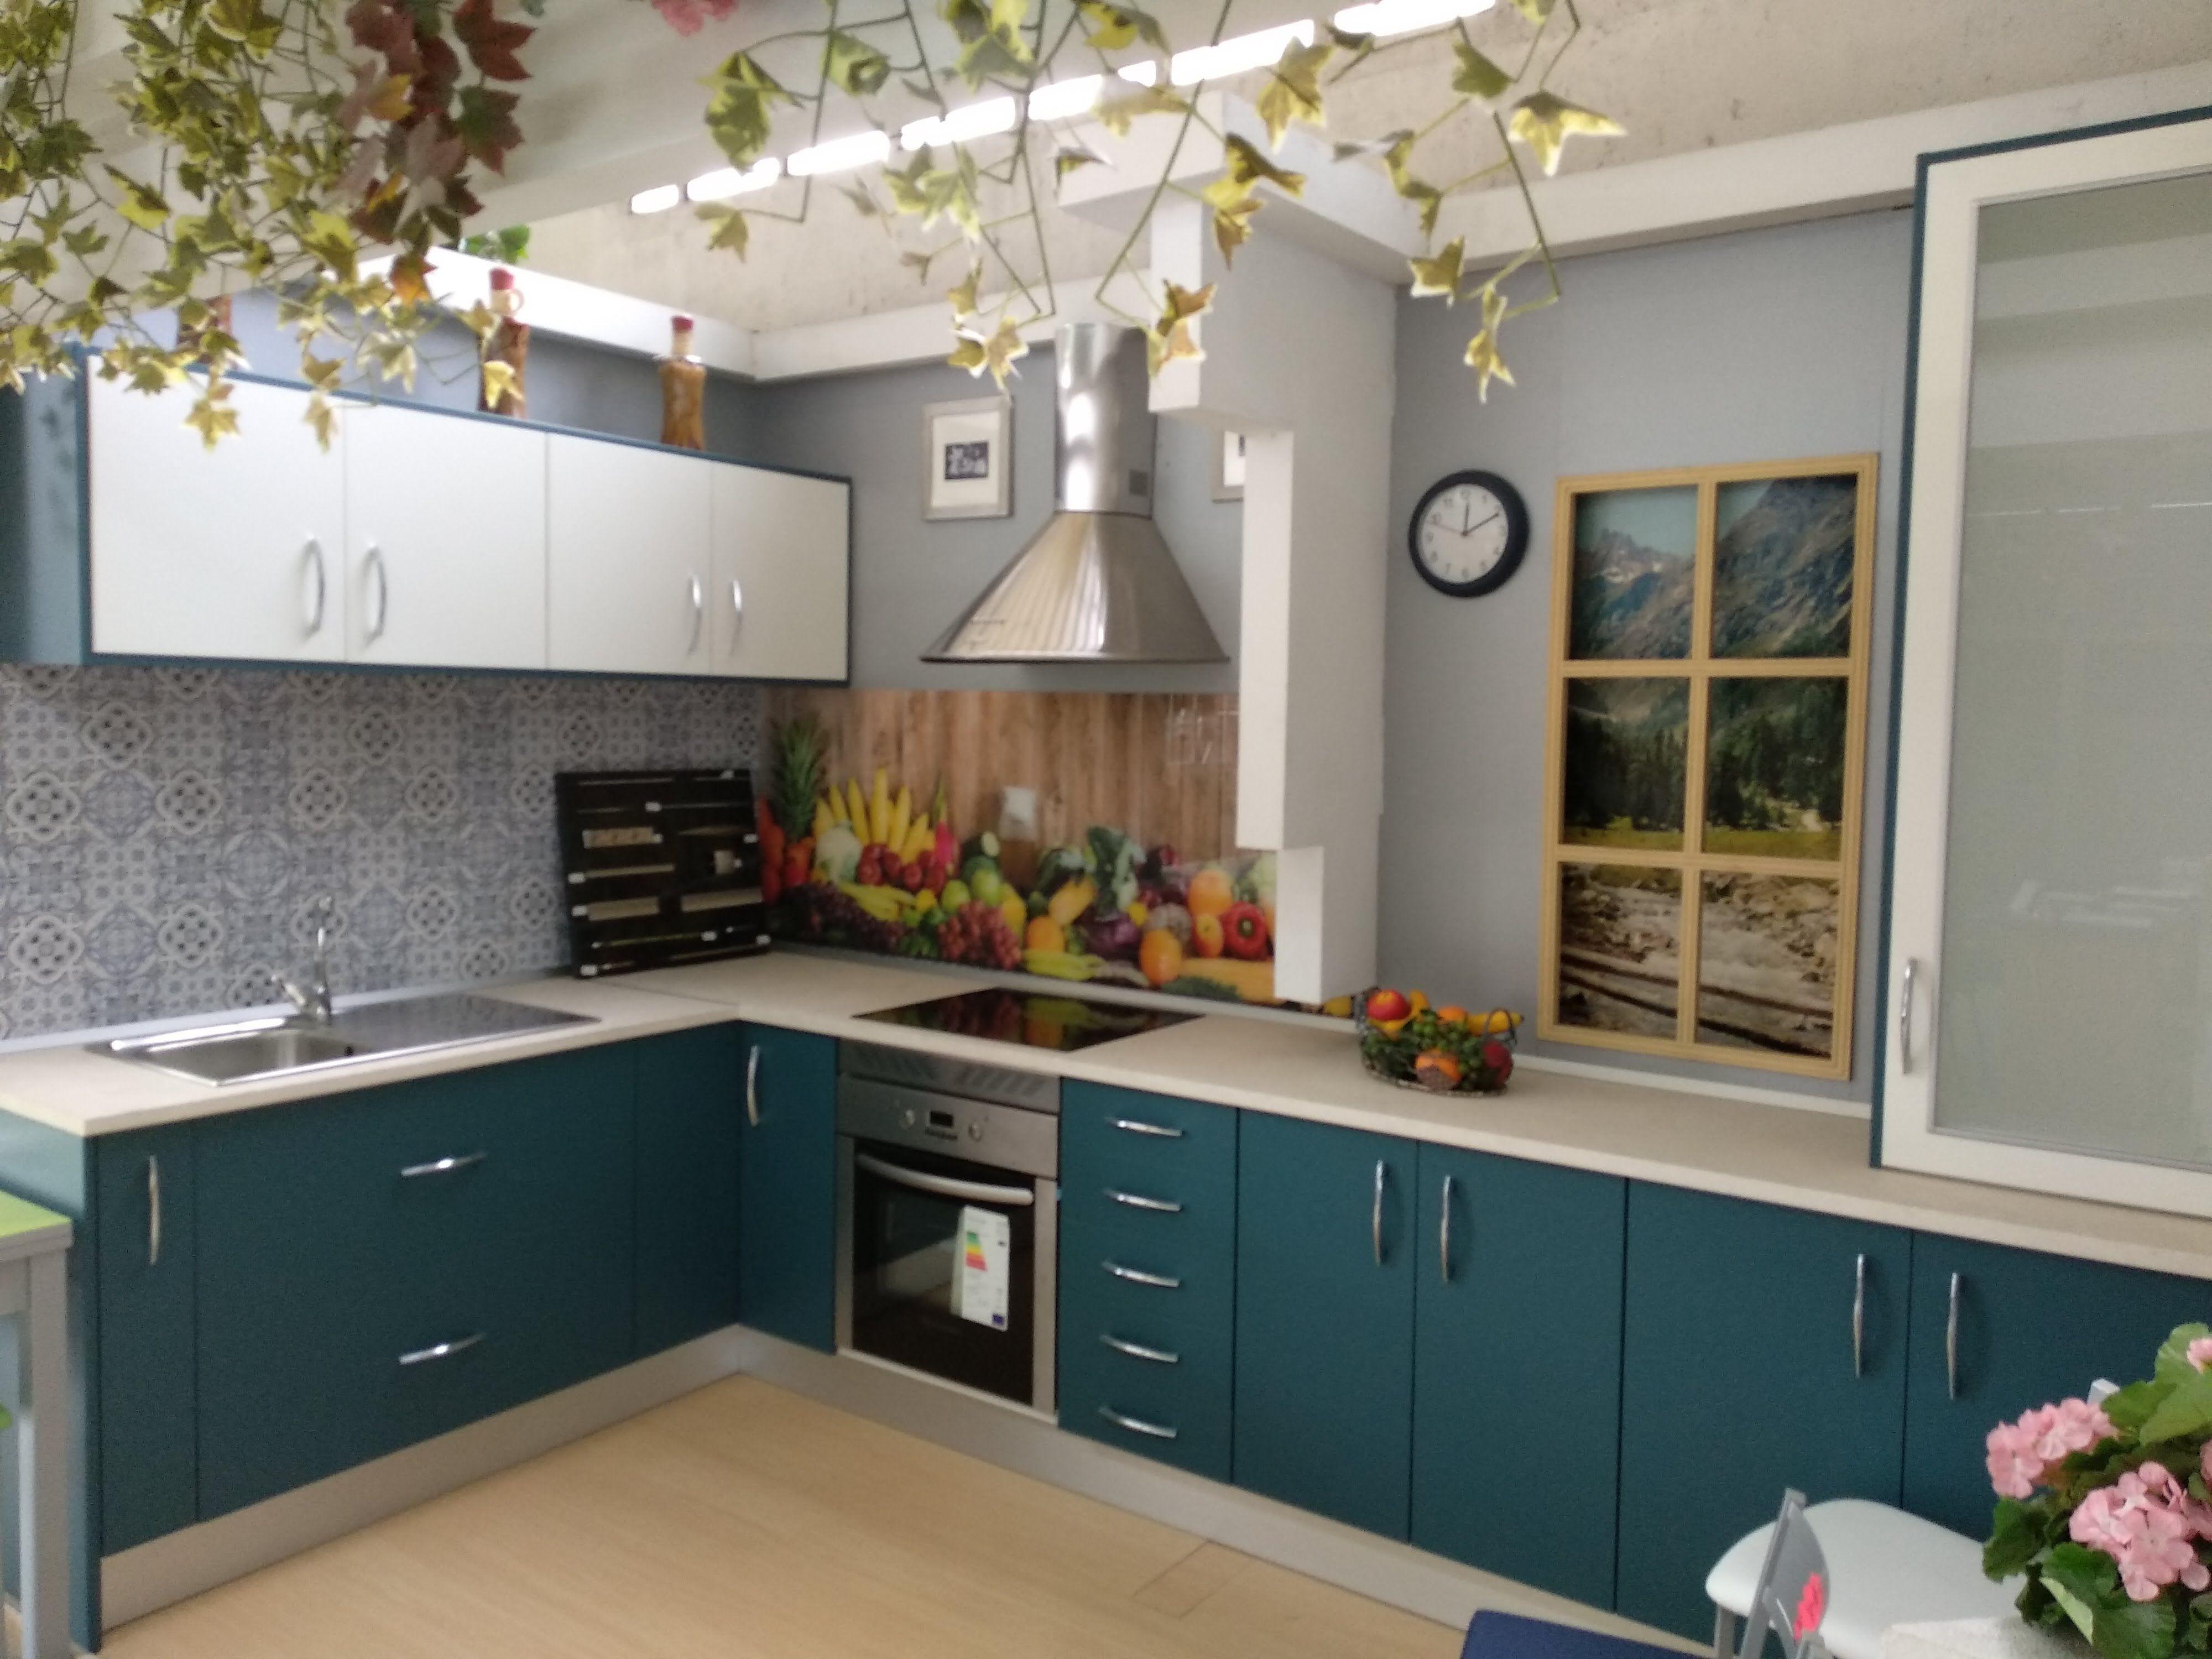 Foto 3 de Muebles de cocina en | Muebles Sacoba